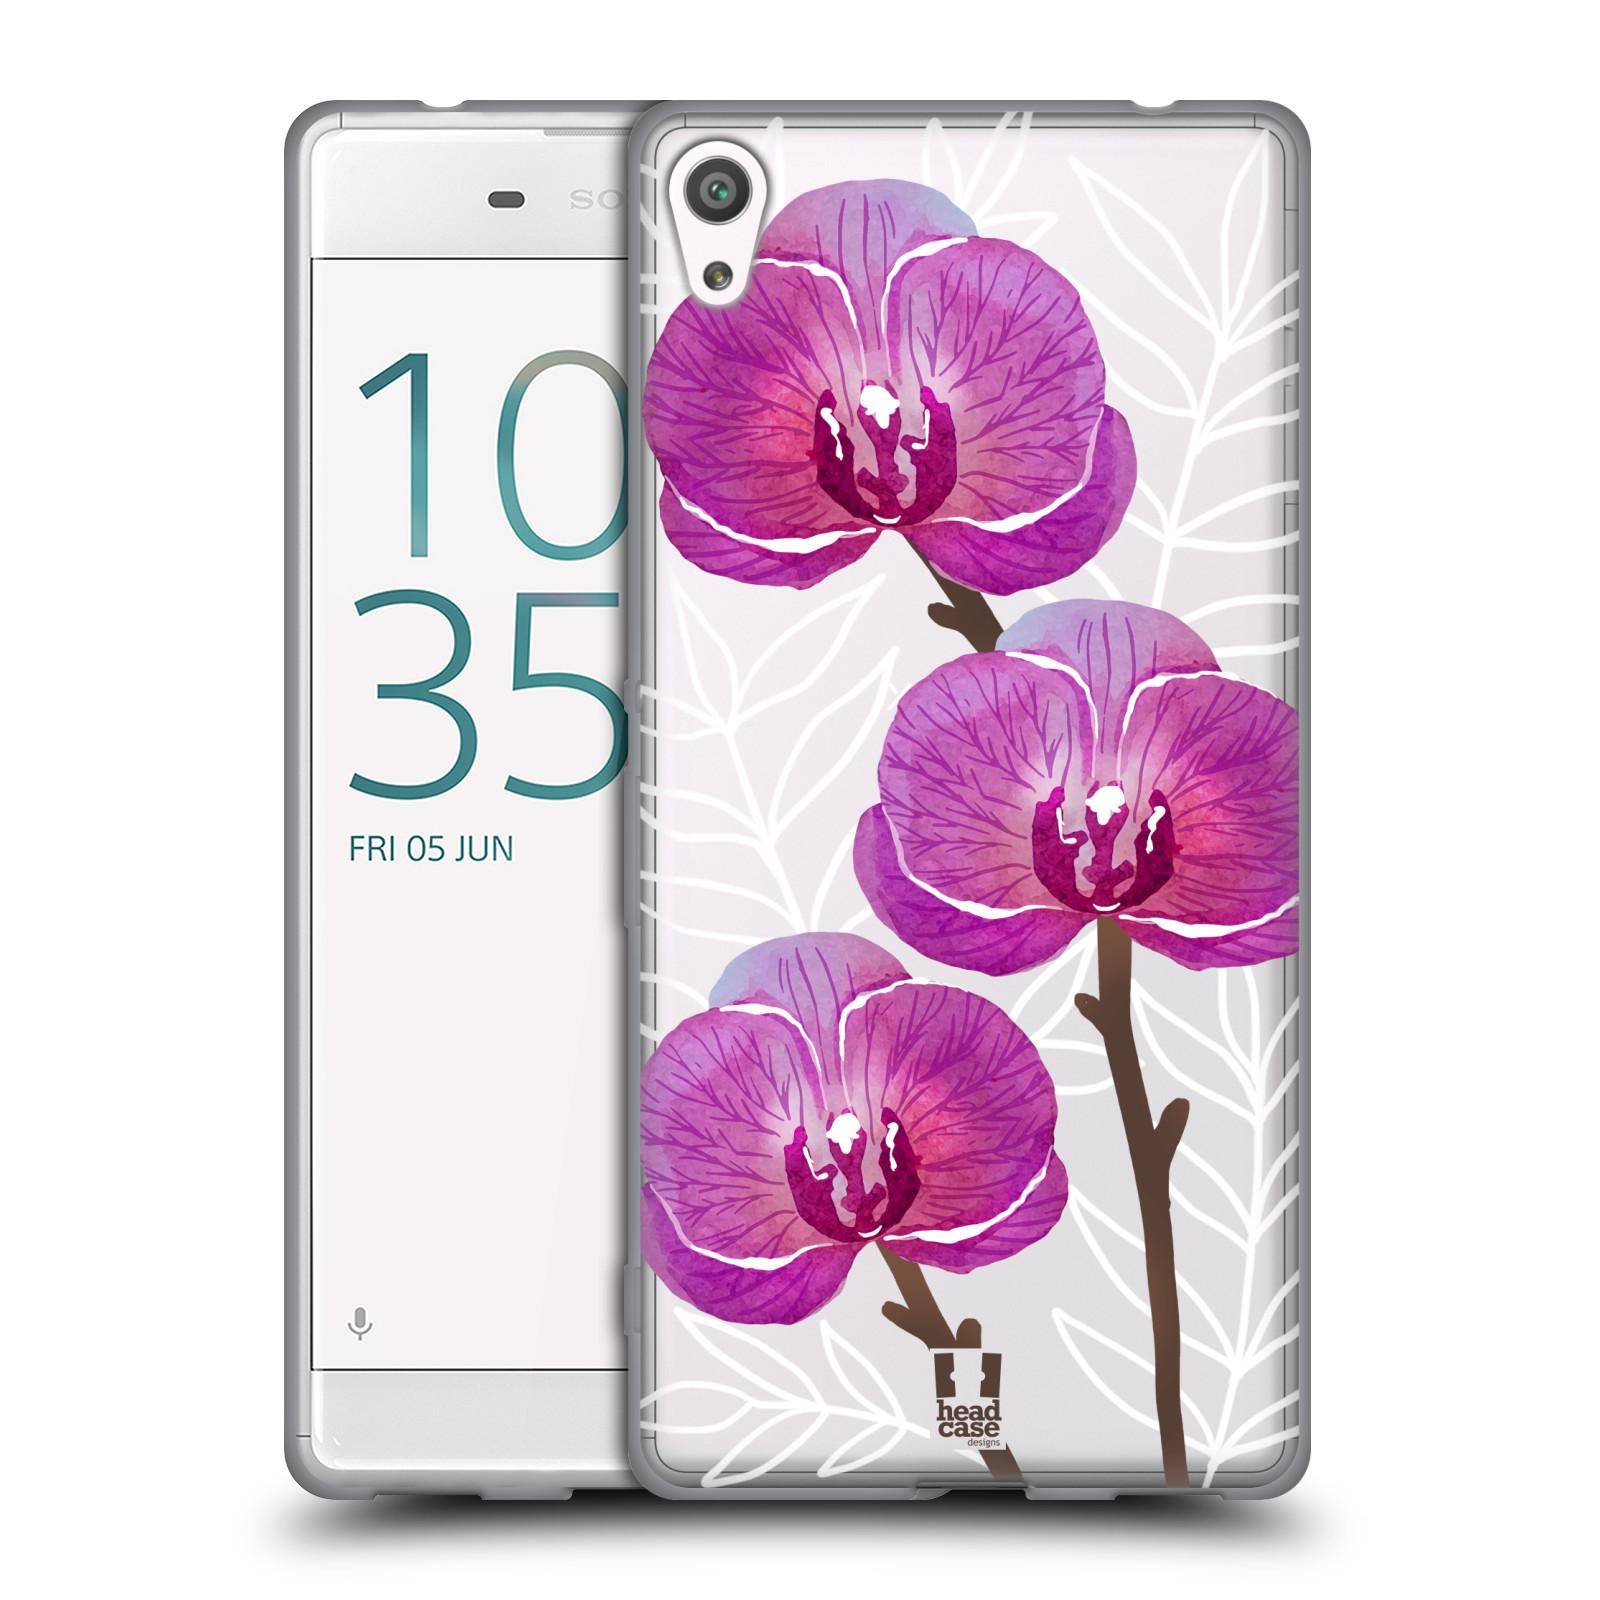 HEAD CASE silikonový obal na mobil Sony Xperia XA ULTRA Orchideje fialová